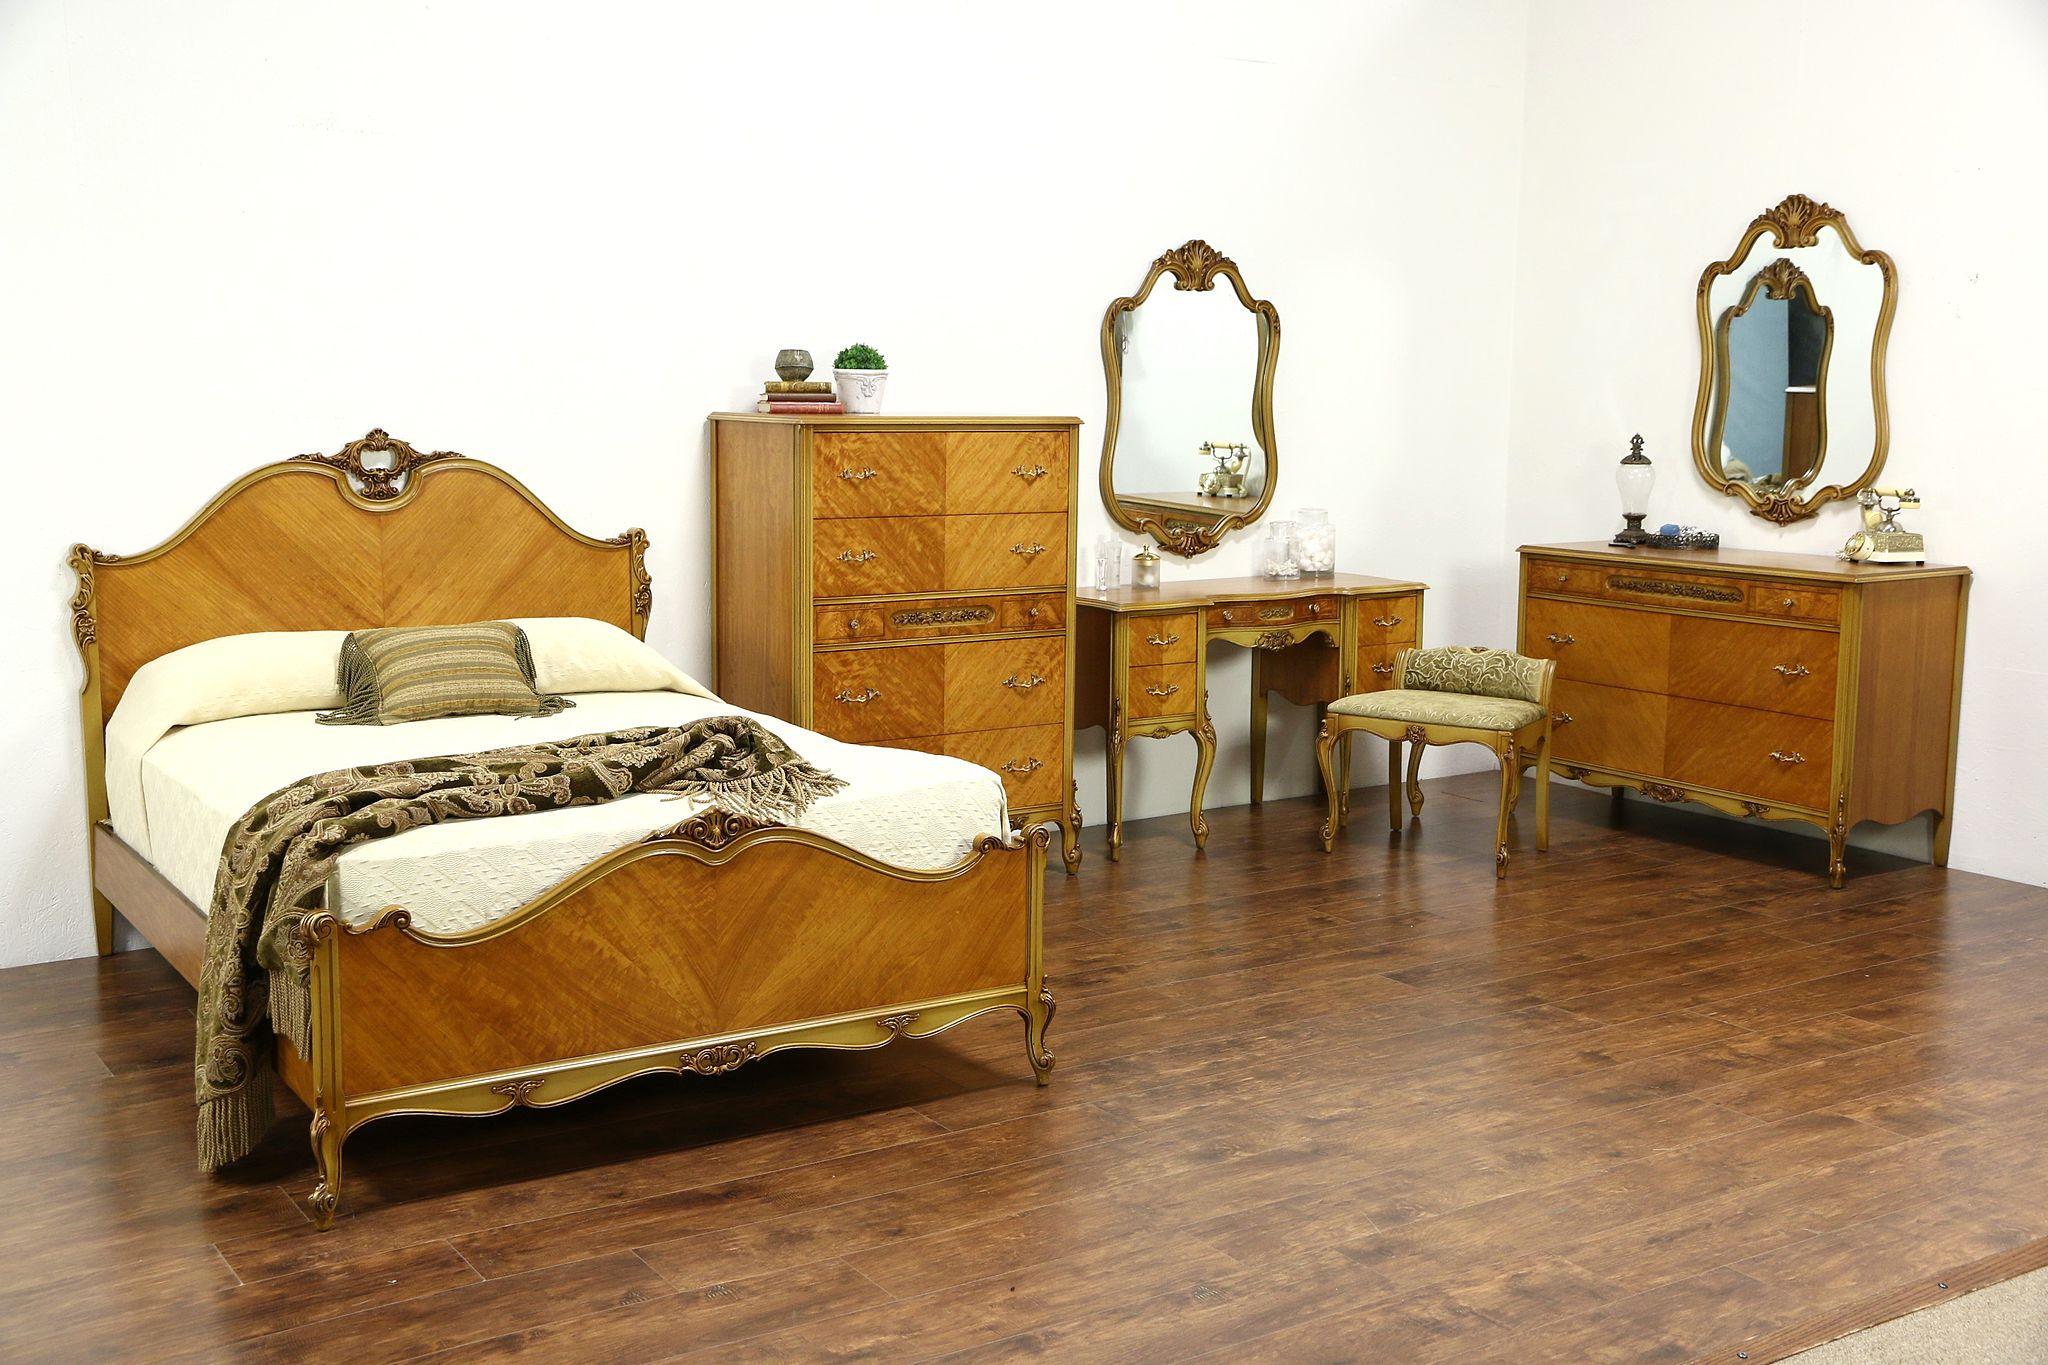 French Design 1940\'s Vintage Satinwood 7 Pc. Bedroom Set, Full Size Bed